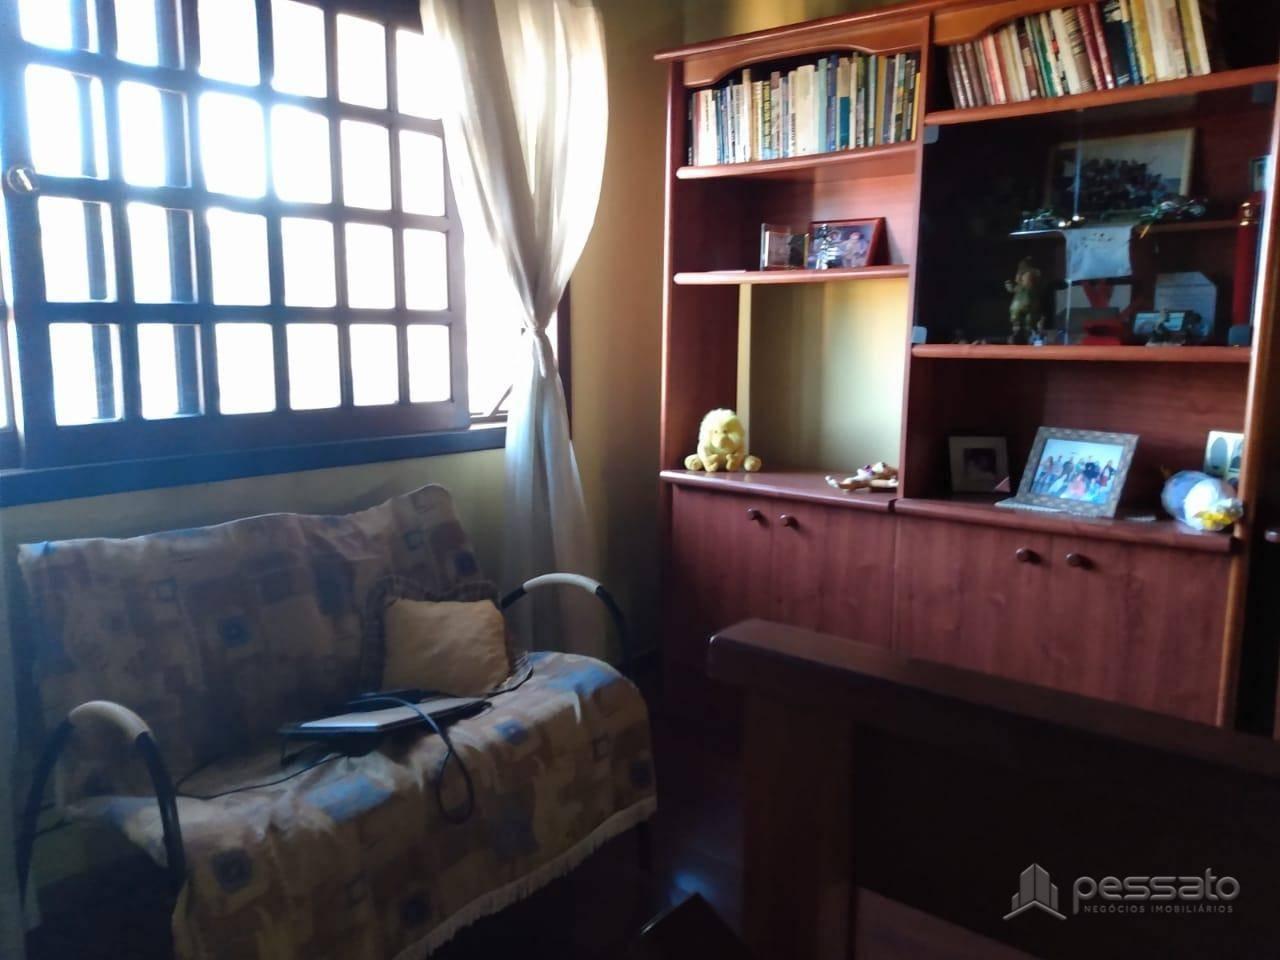 casa 4 dormitórios em Gravataí, no bairro Bom Princípio